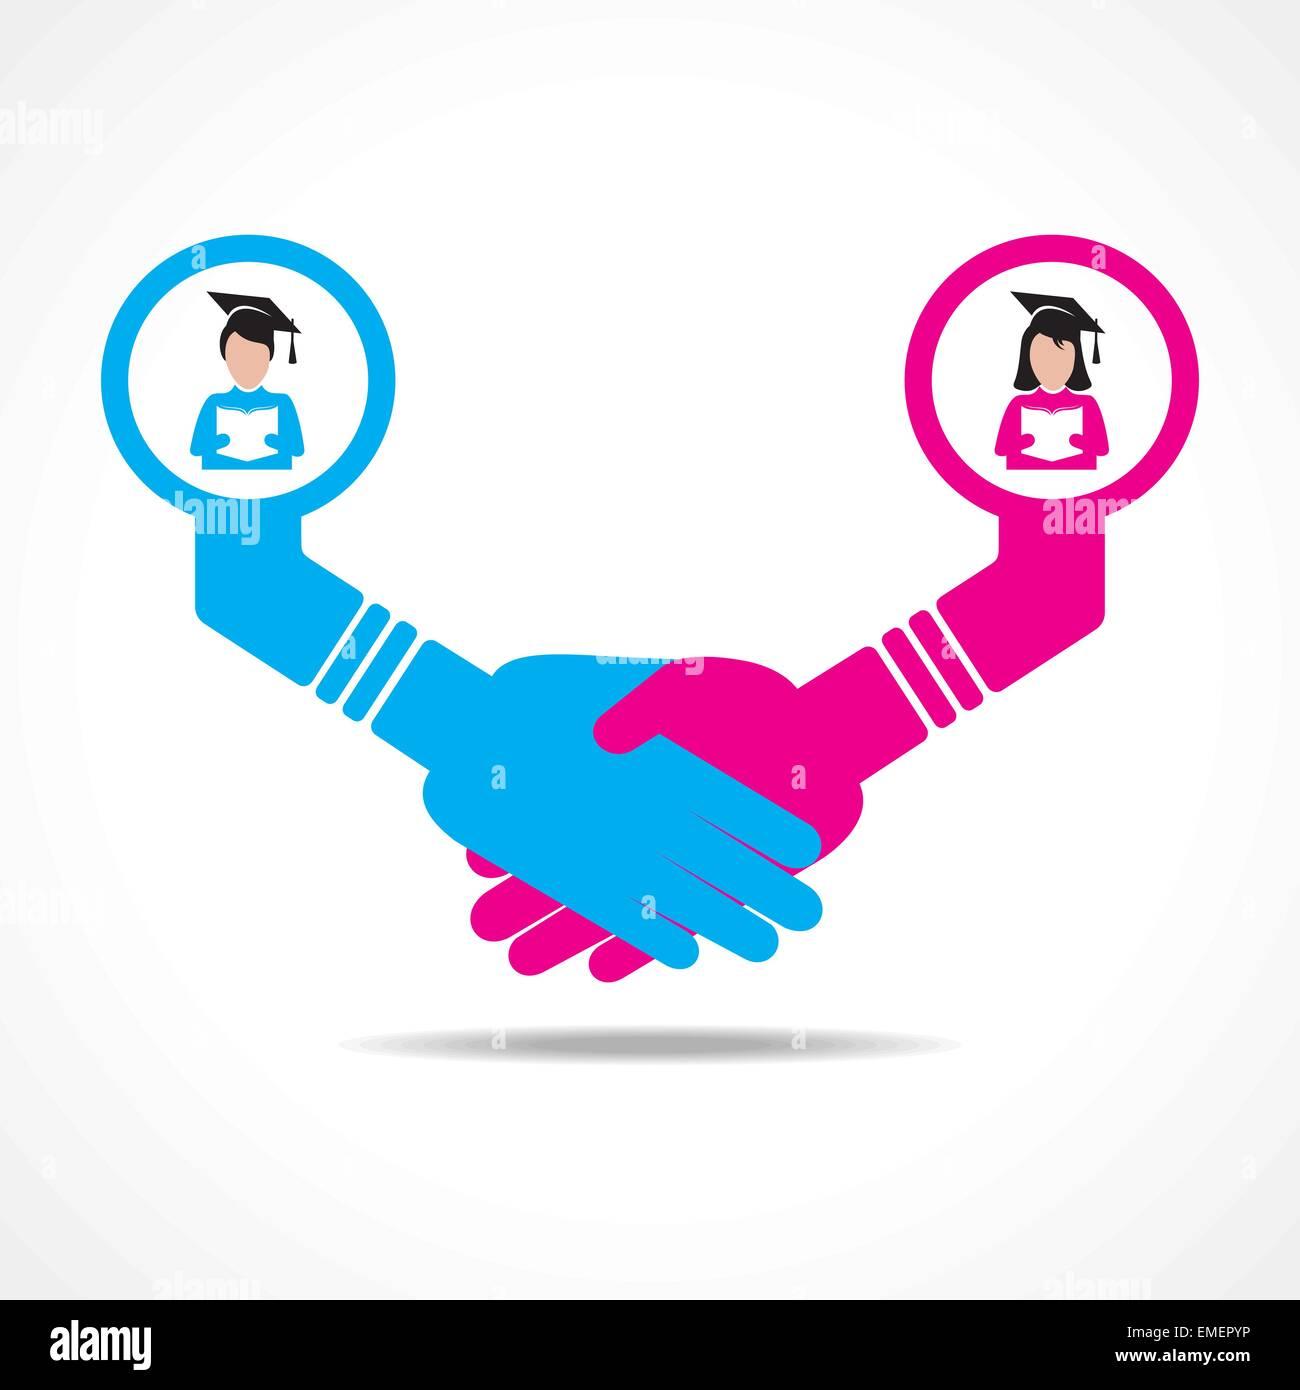 businessmen handshake between educated men and women stock vector - Stock Image